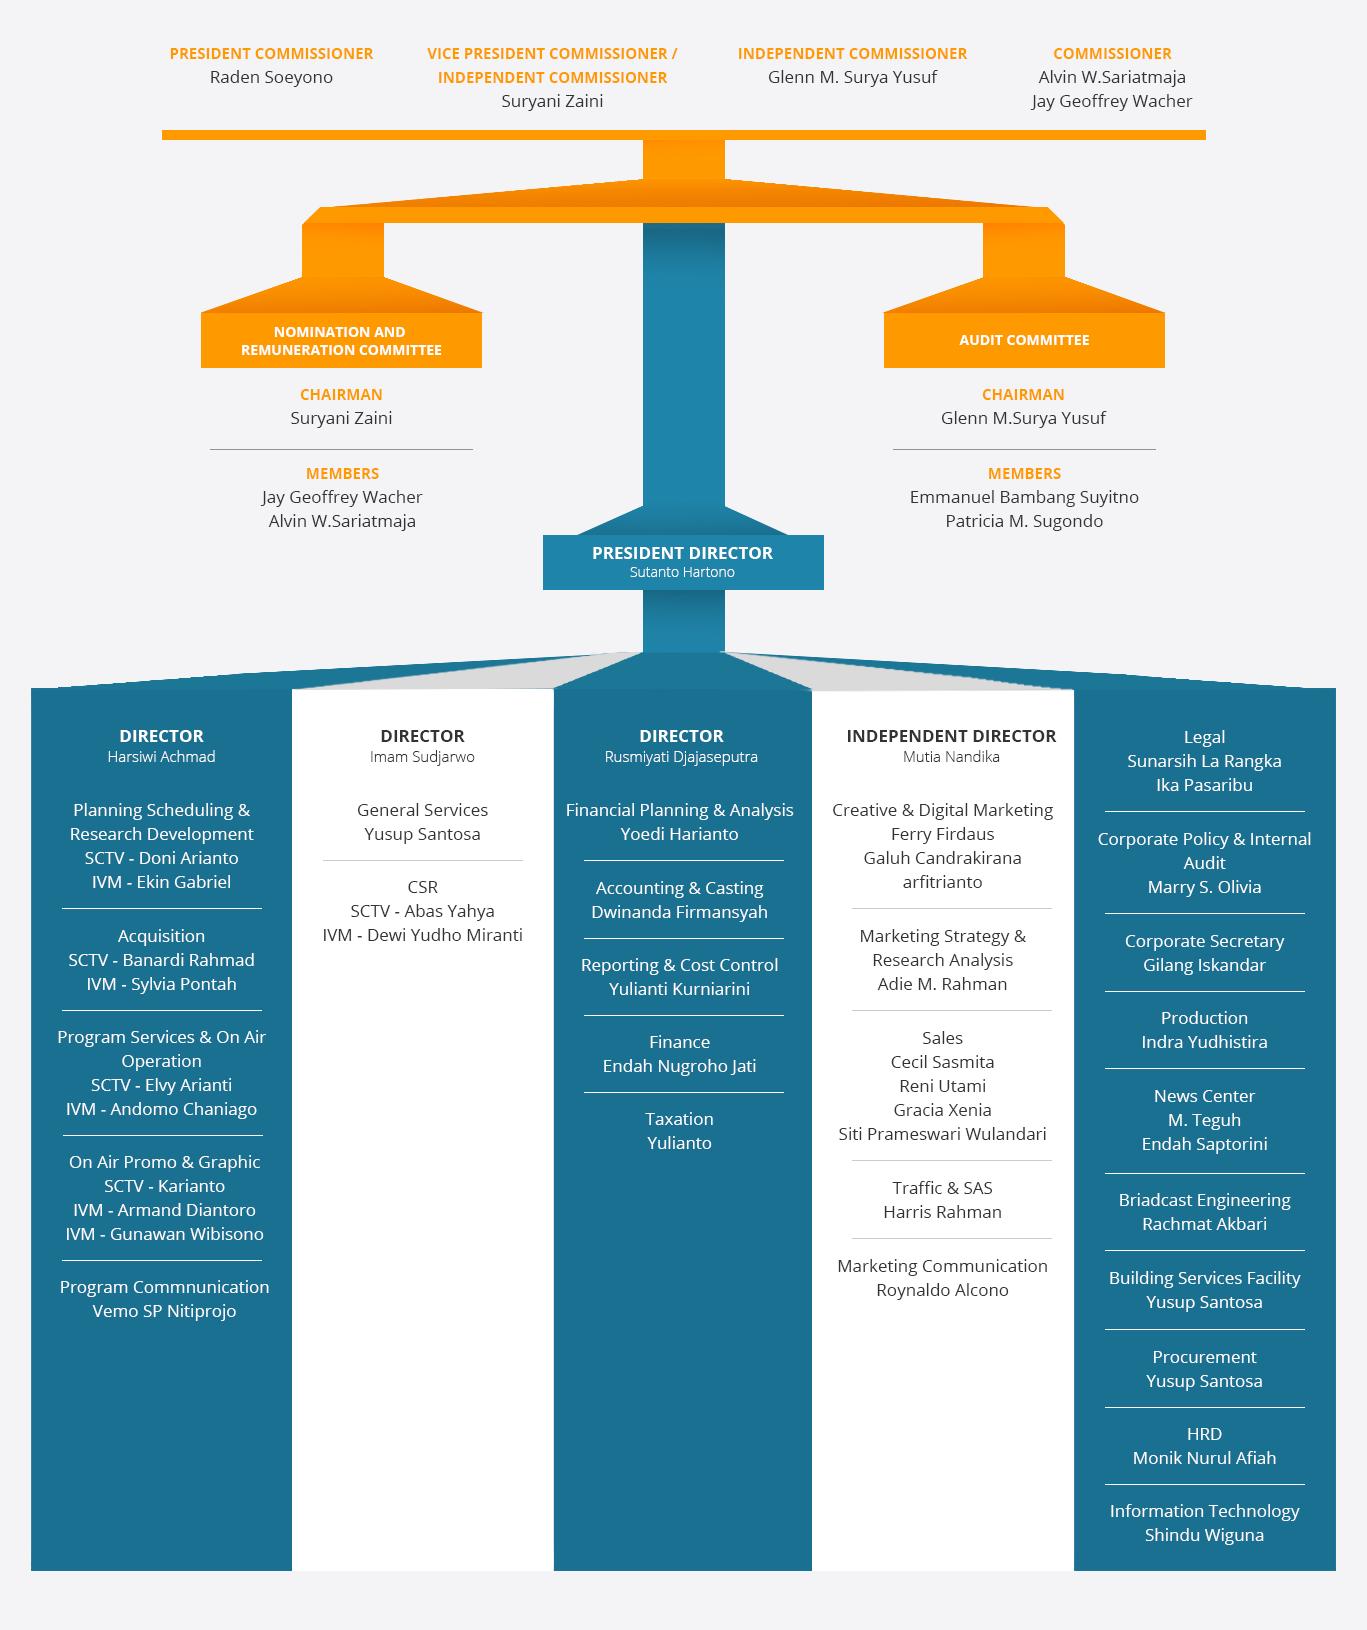 Struktur Organisasi Emtek Elang Mahkota Teknologi Struktur Organisasi Wallpaper Ponsel Organisasi